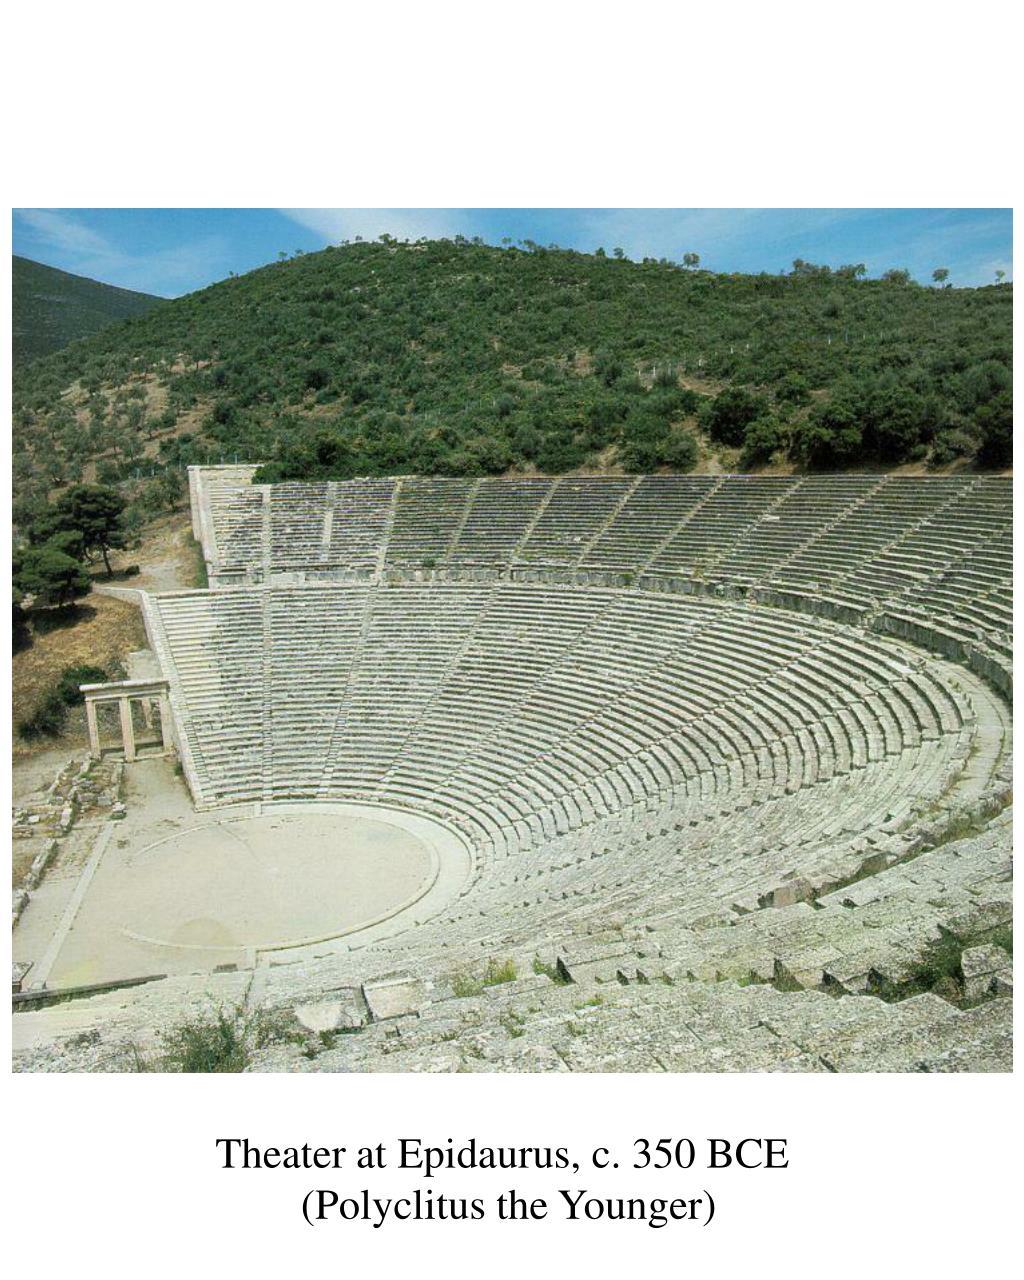 Theater at Epidaurus, c. 350 BCE